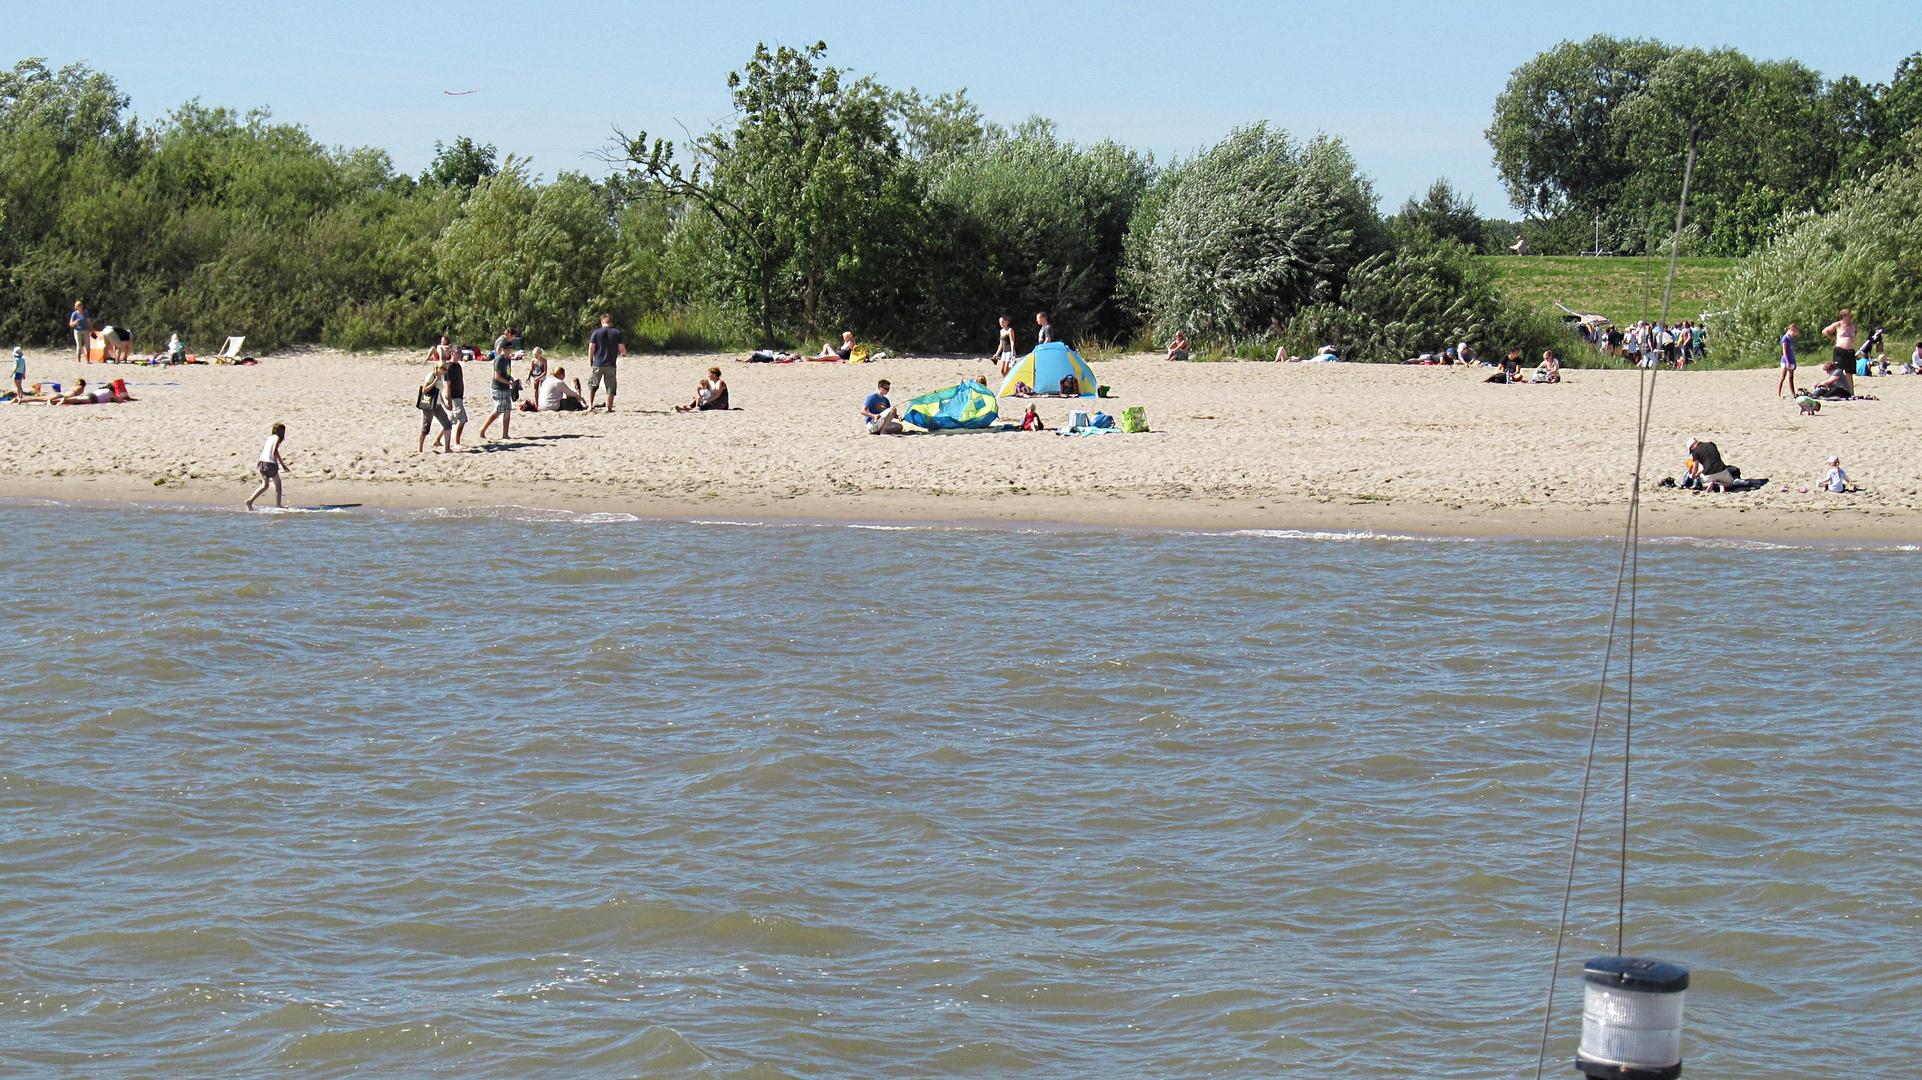 Sommer auf Krautsand an der Elbe